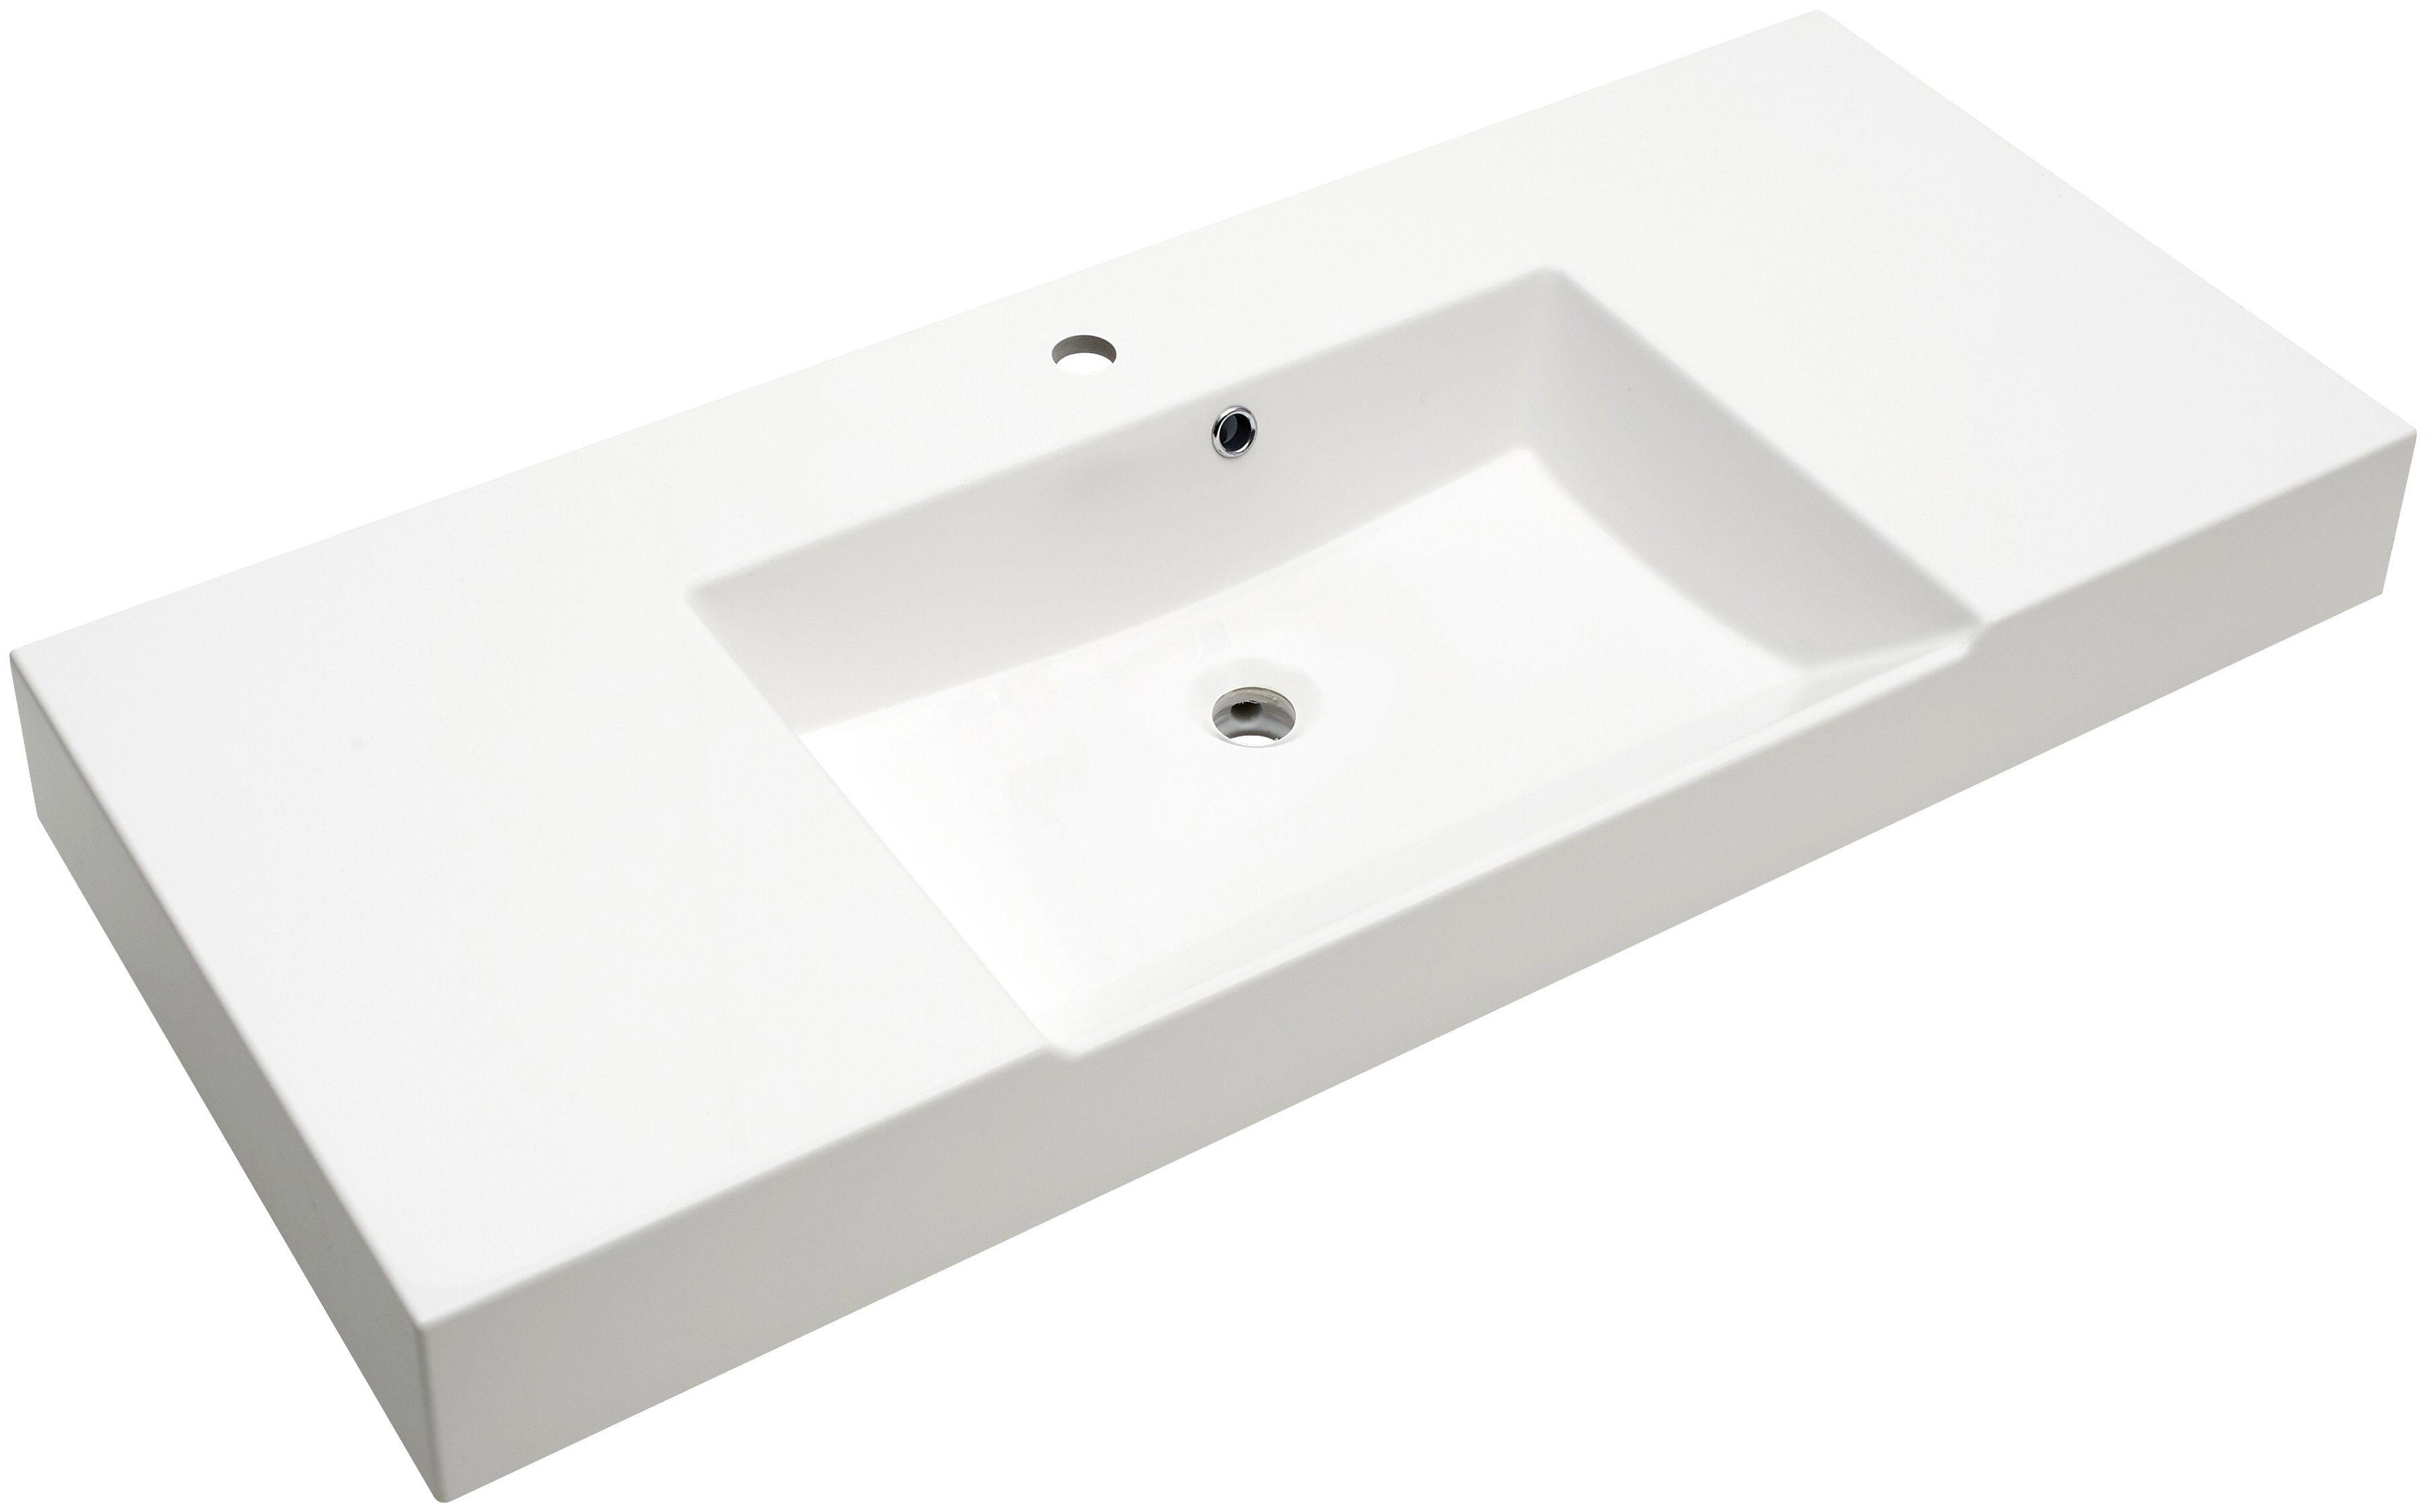 PELIPAL Waschbecken »Solitaire 7020«, Breite 120 cm